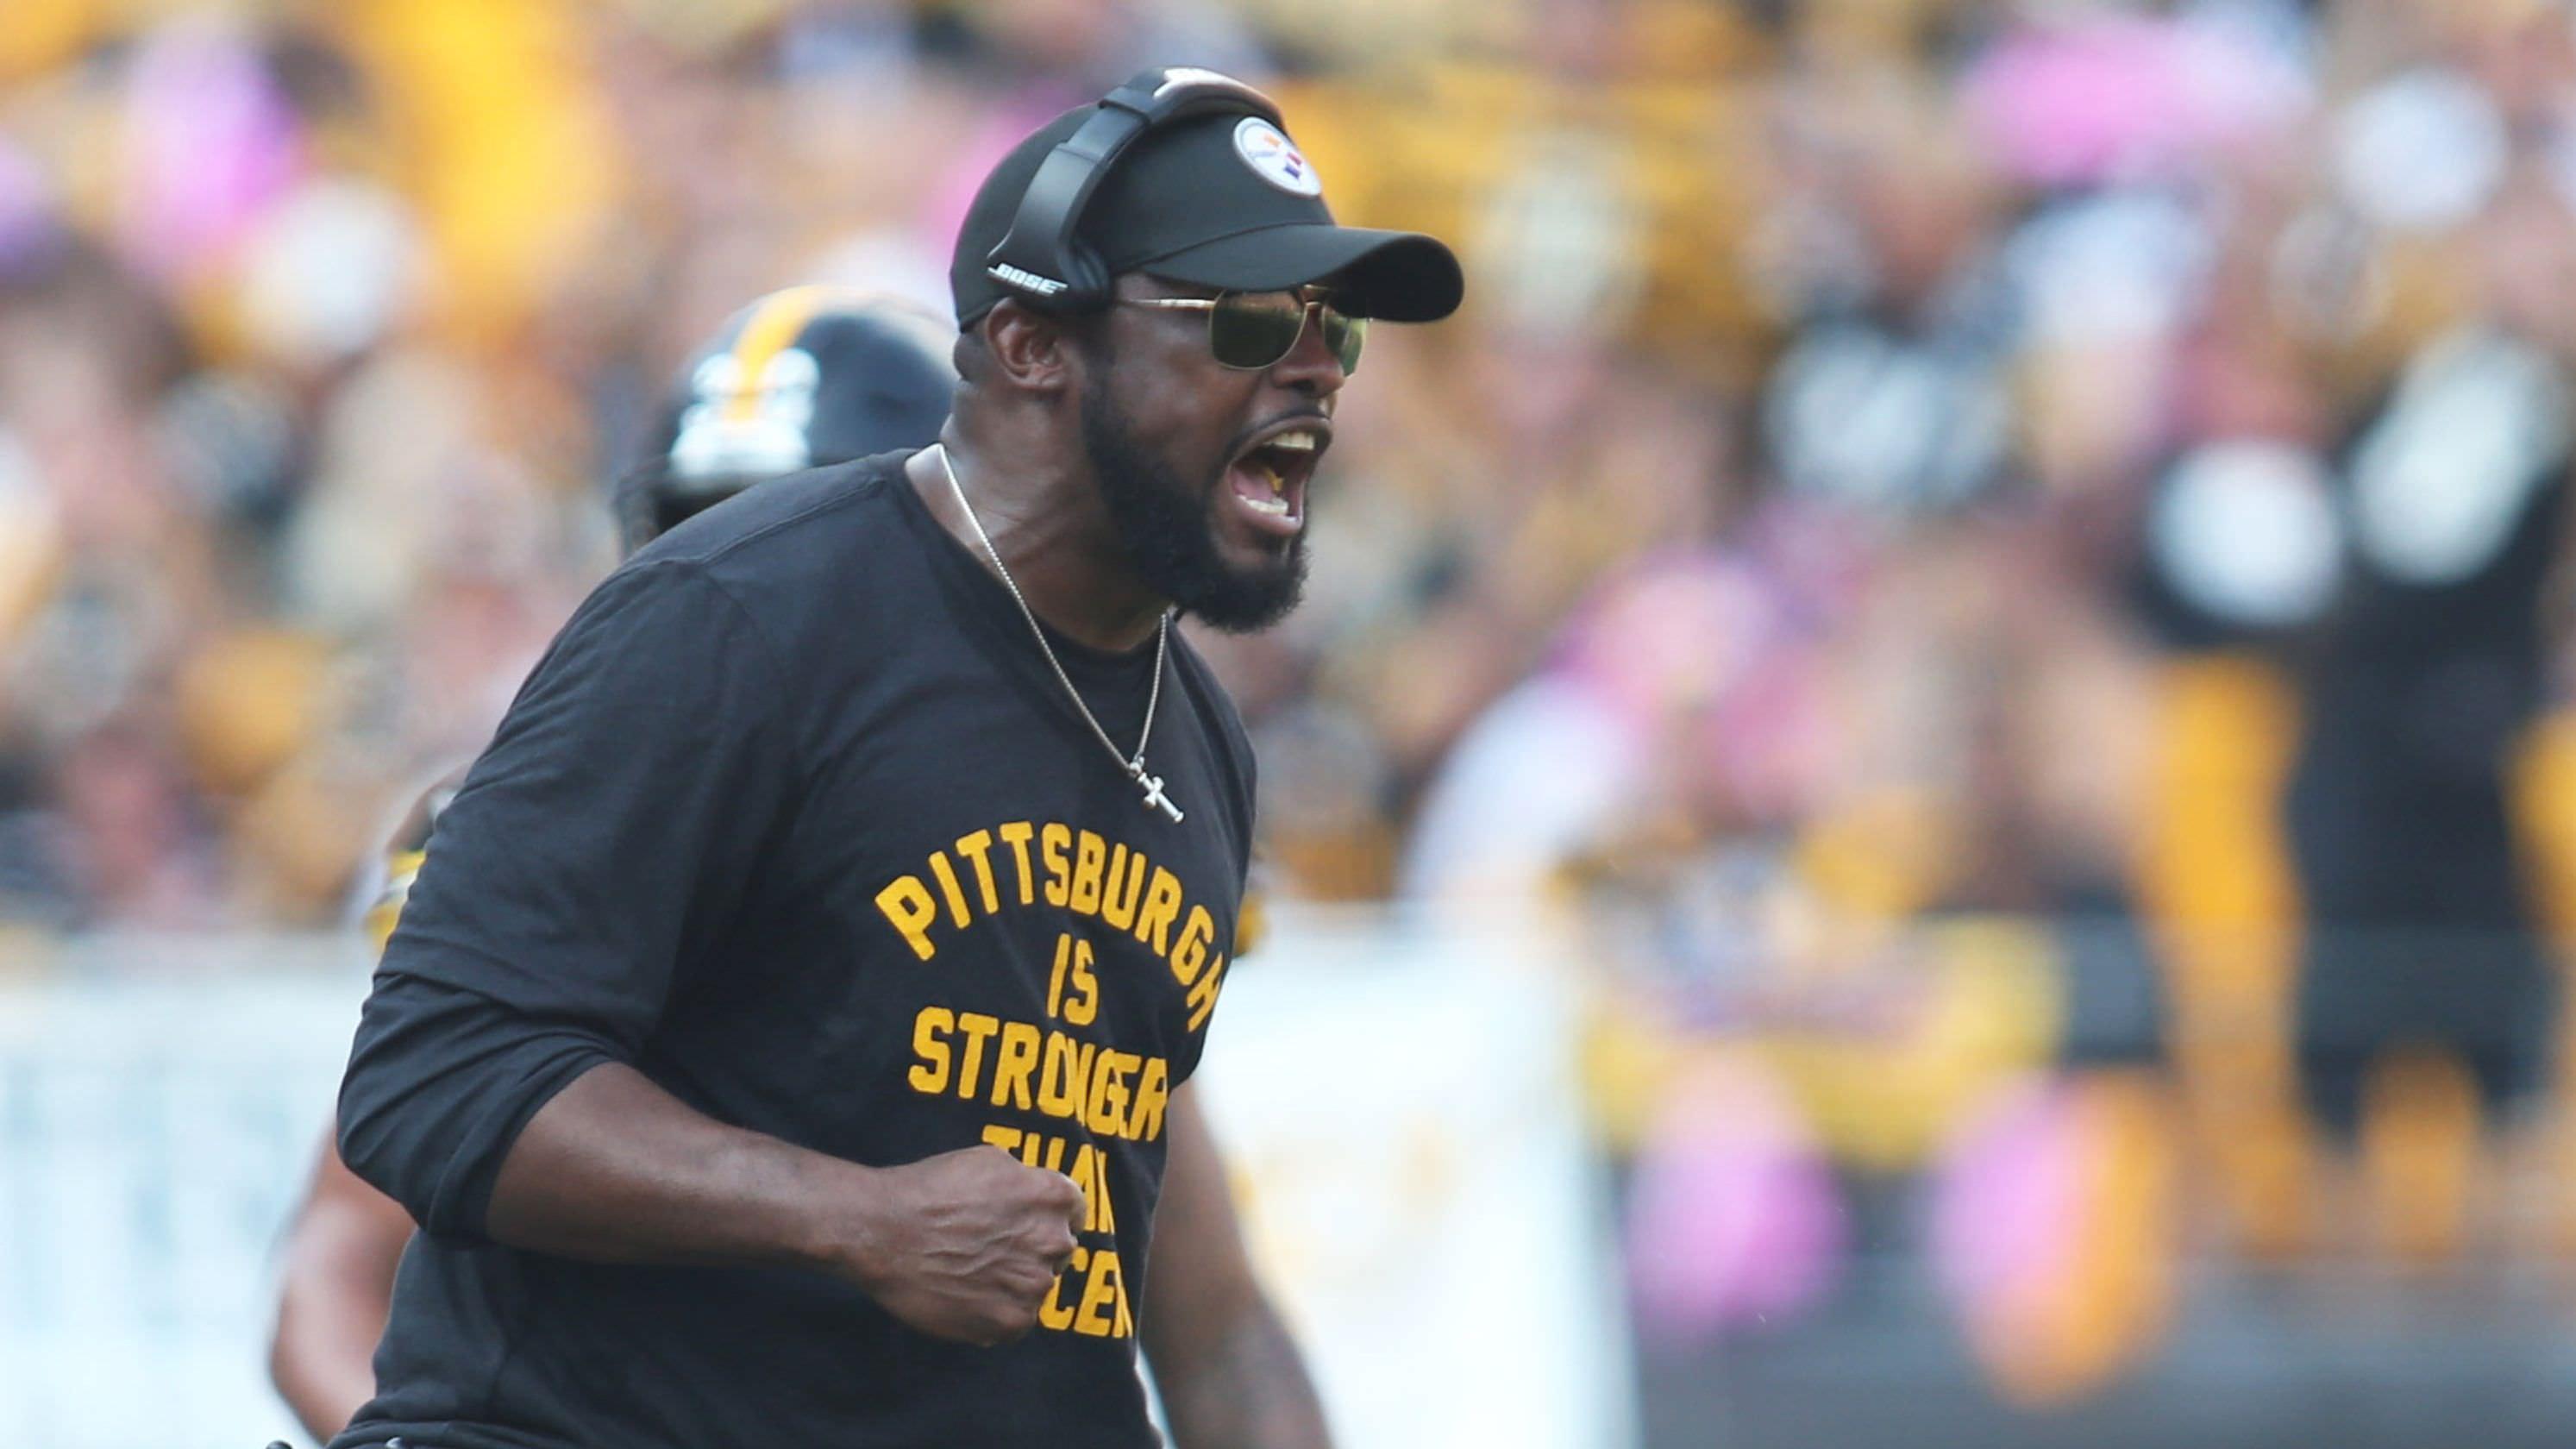 O técnico dos Steelers, Mike Tomlin, multou US $ 25 mil por criticar funcionários da NFL